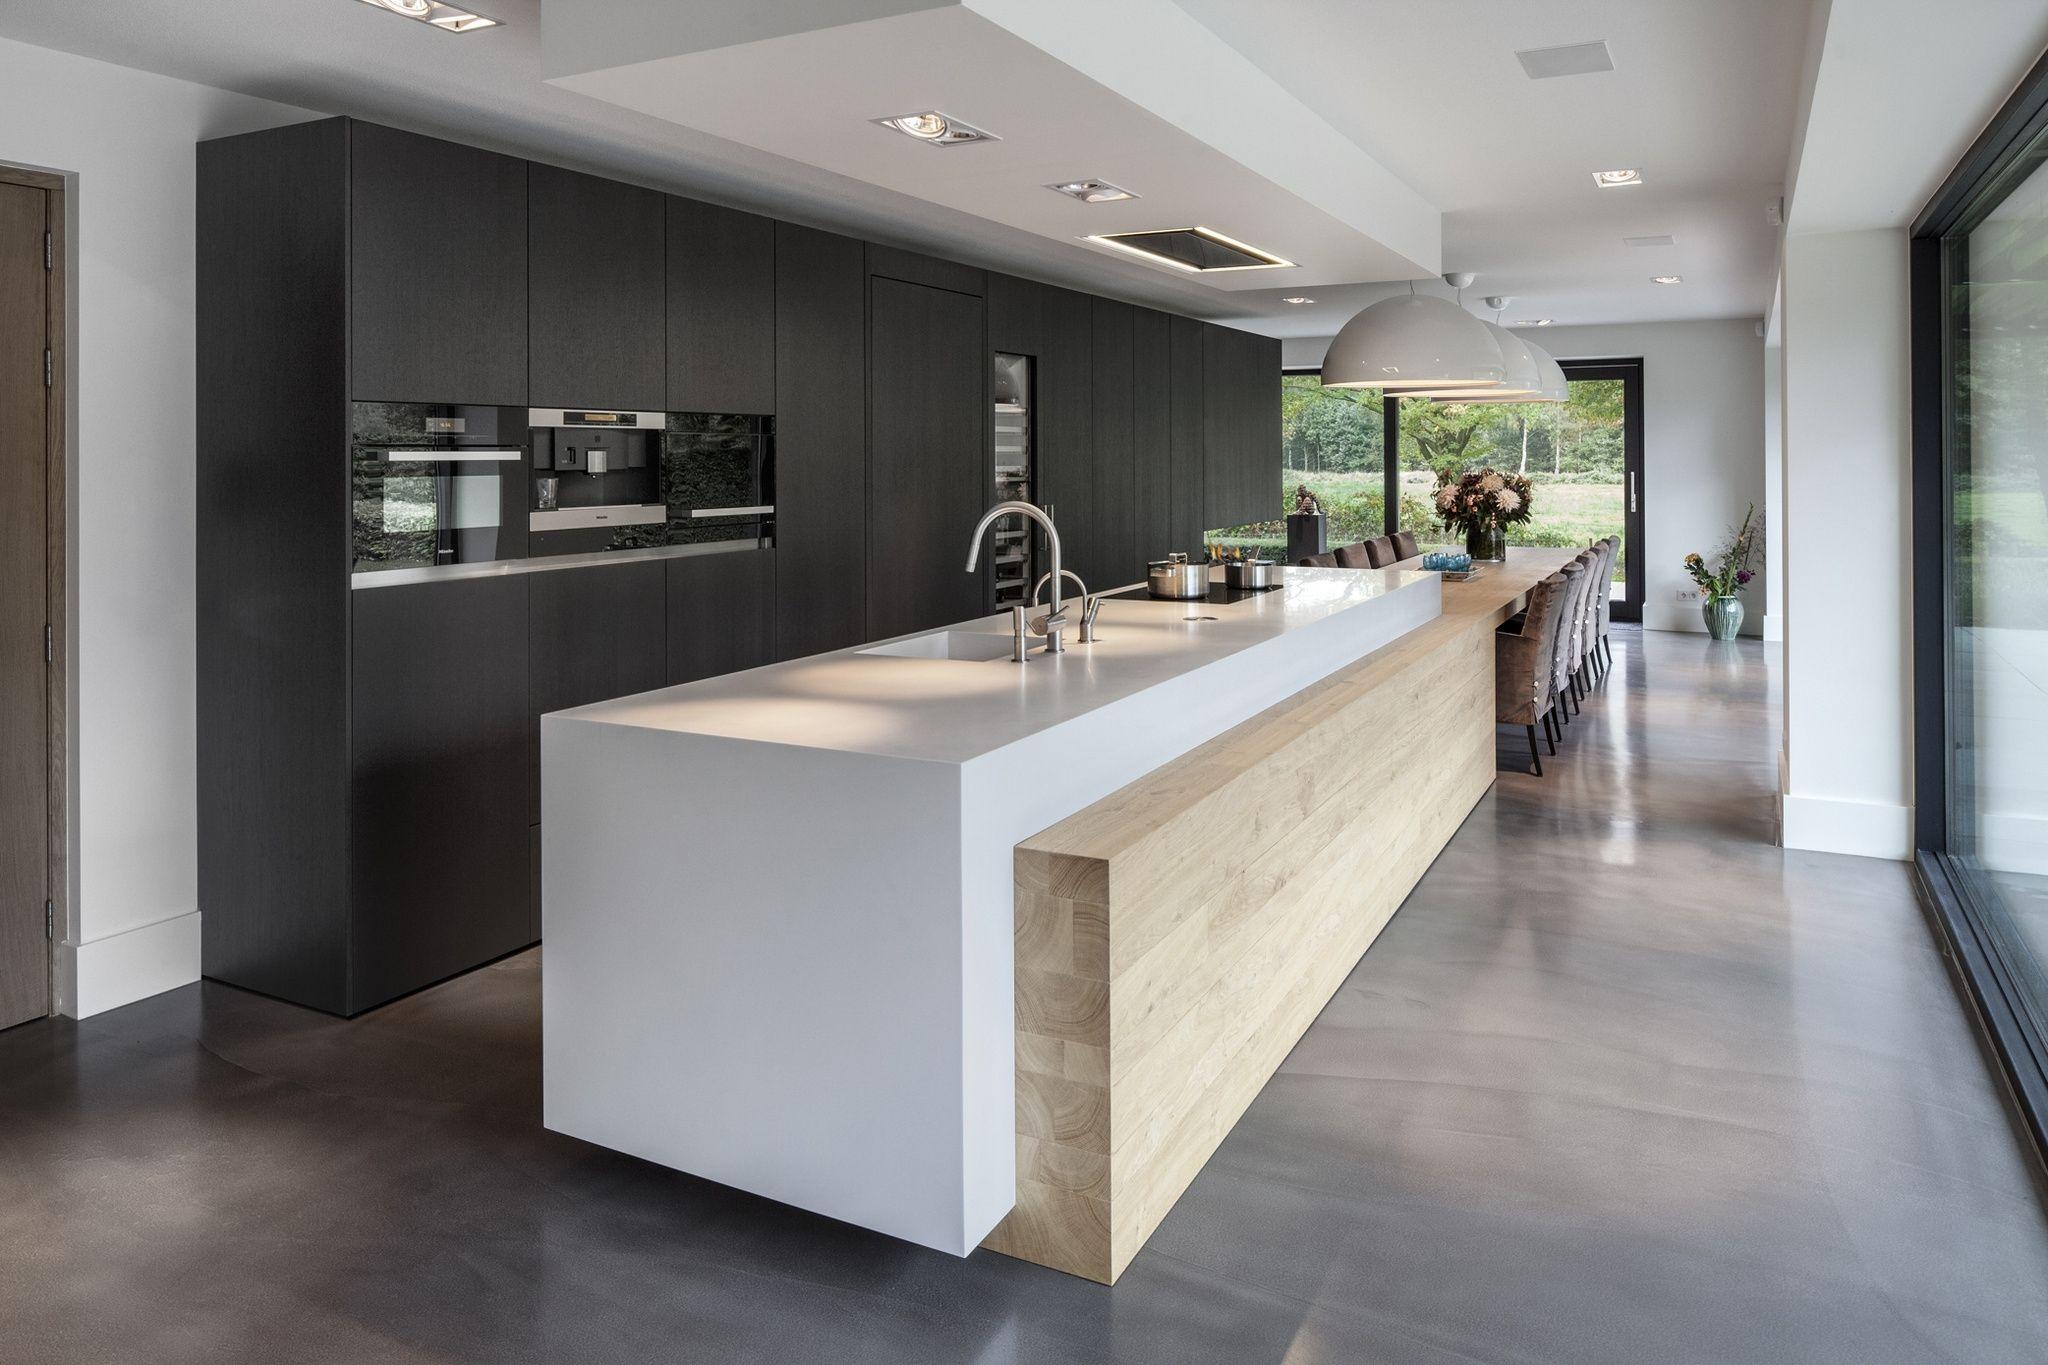 Keuken Kookeiland Design : Design keuken met kookeiland mooie moderne keuken kookeiland pvblik